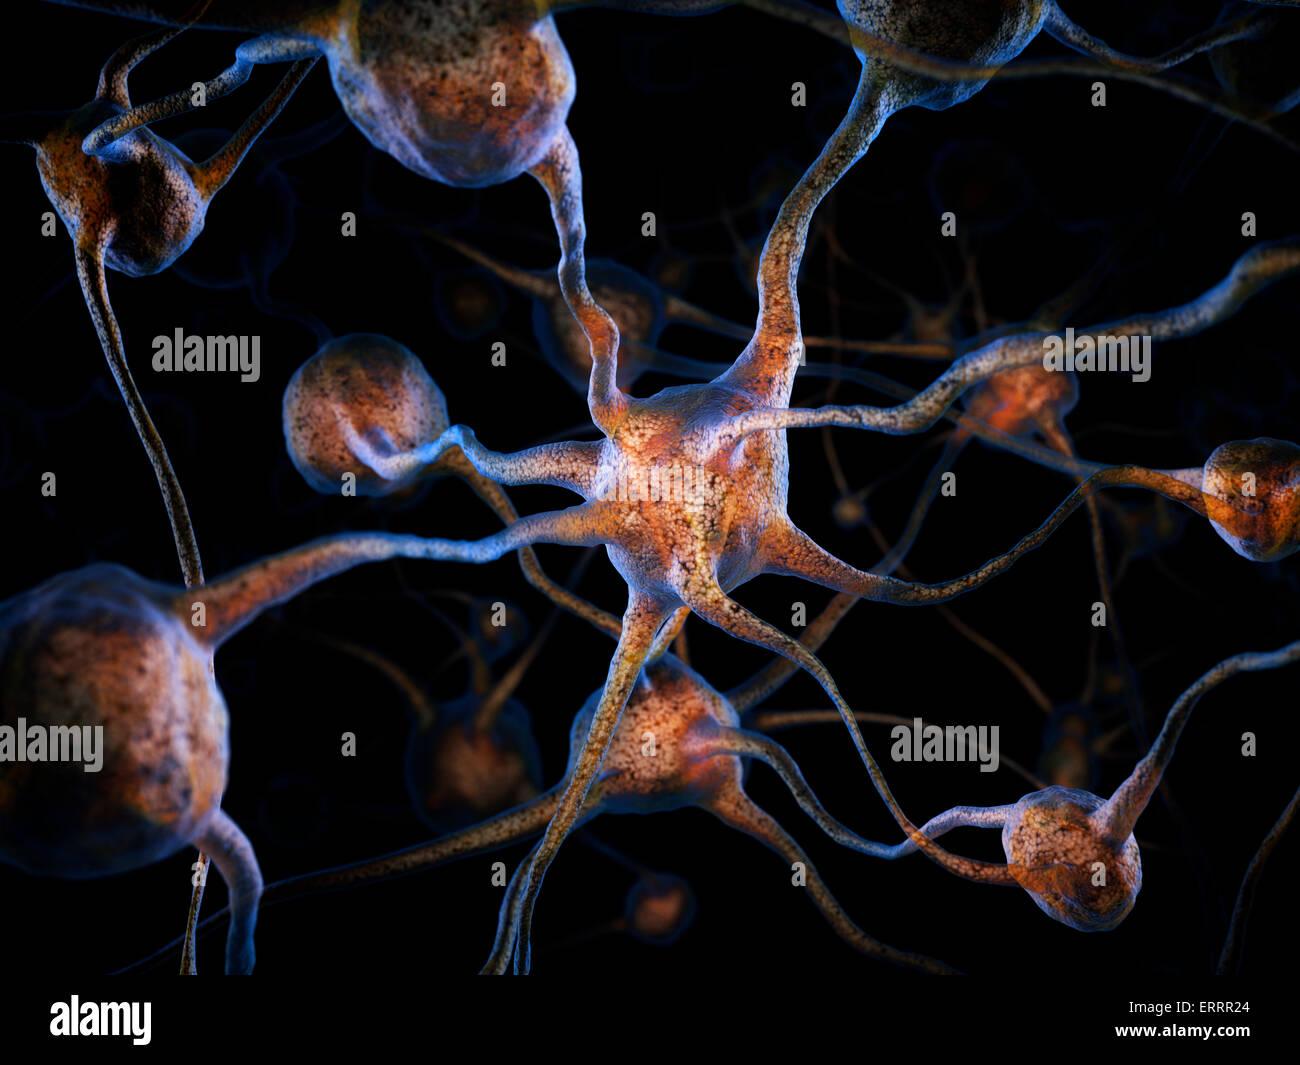 Netzwerk von Neuronen, Gehirnzellen, wissenschaftliche konzeptionelle 3D illustration Stockbild